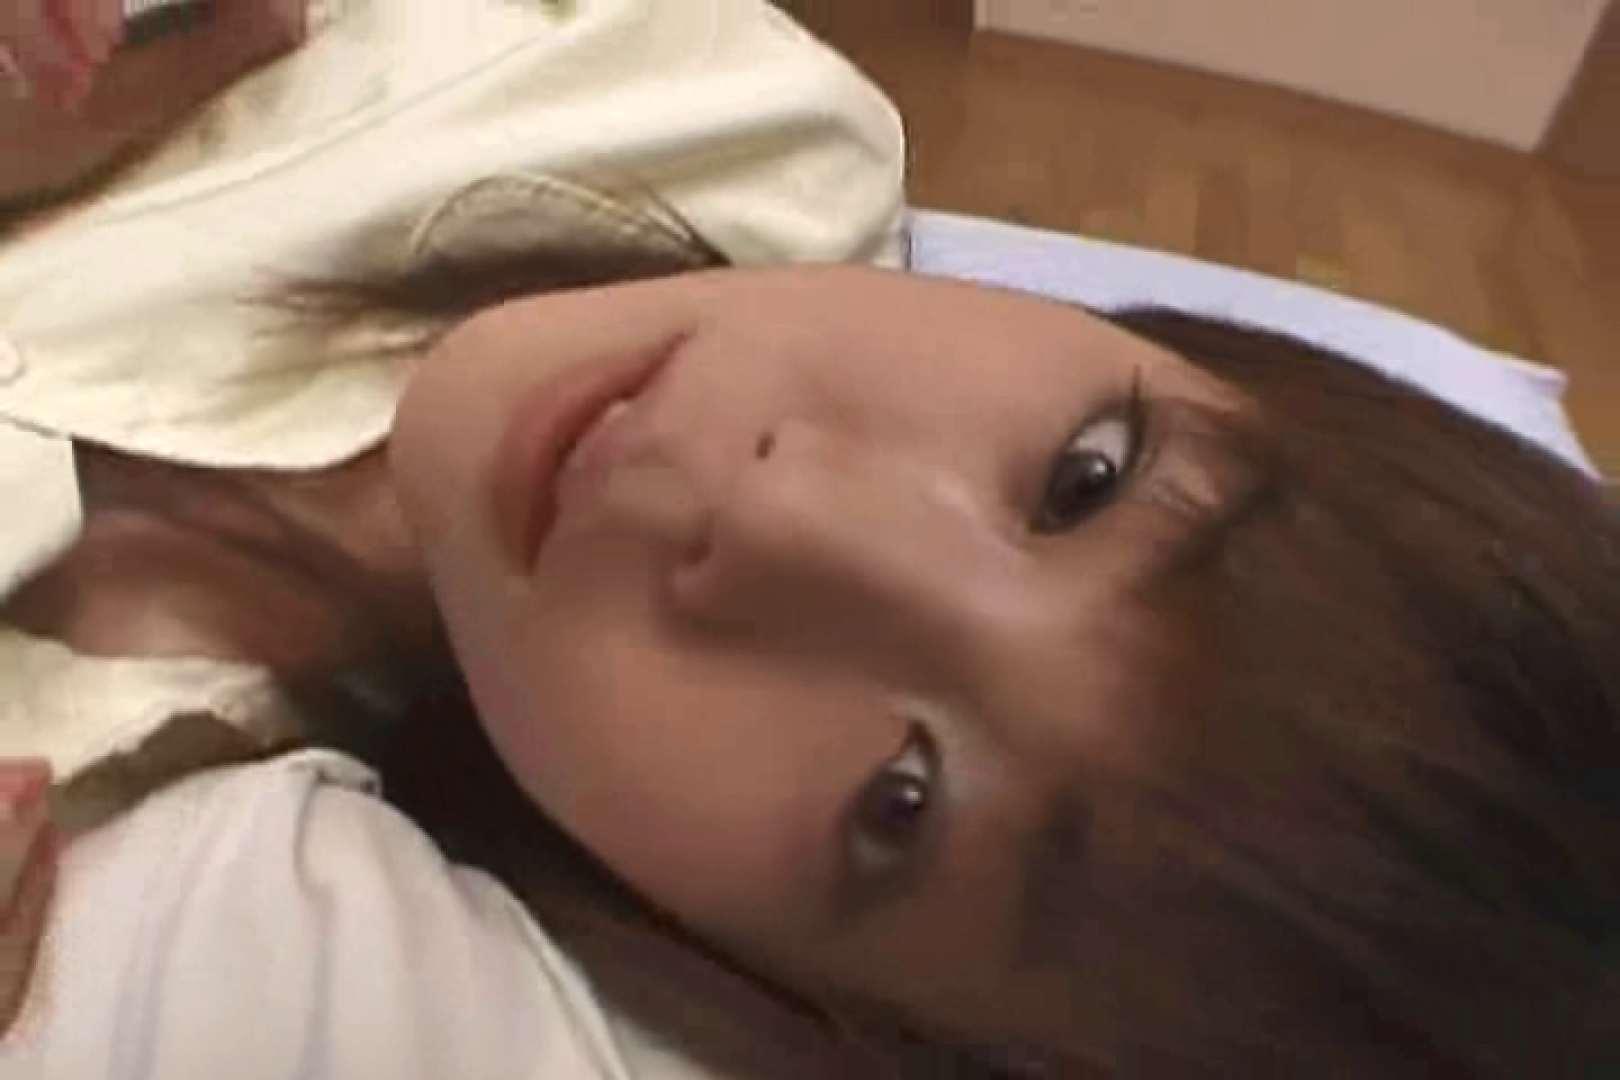 素人嬢126人のハメ撮り 川村美幸 バイブプレイ | メーカー直接買い取り  73pic